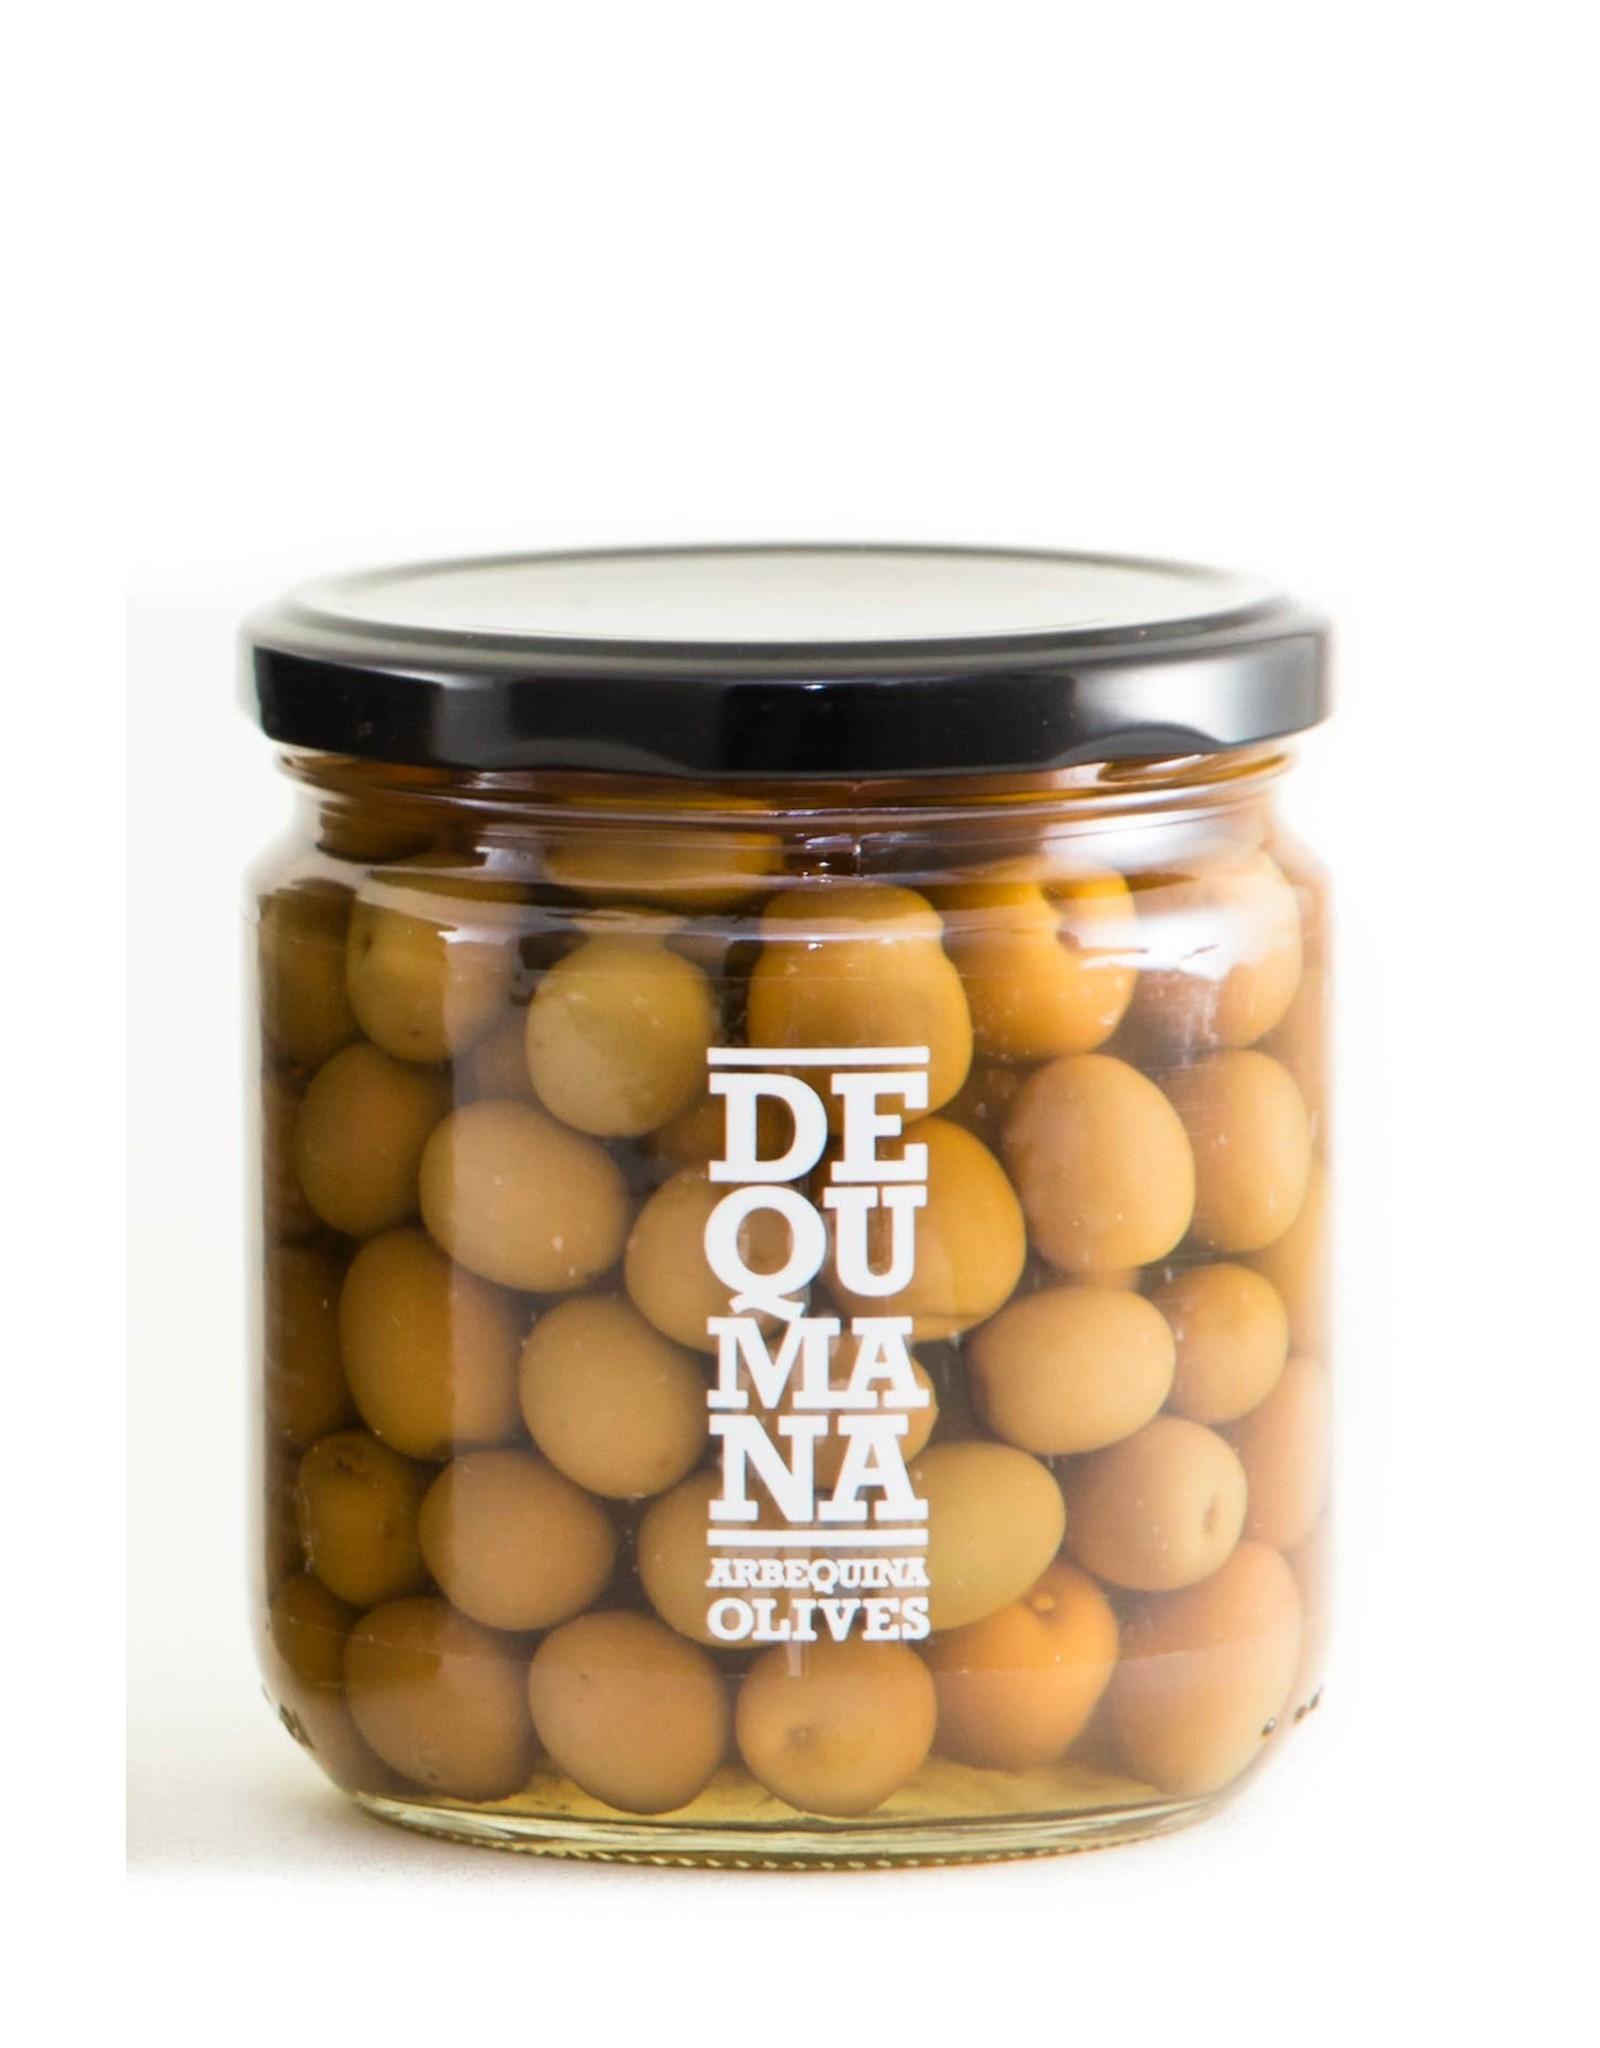 Dequmana Dequmana Arbequina Olives